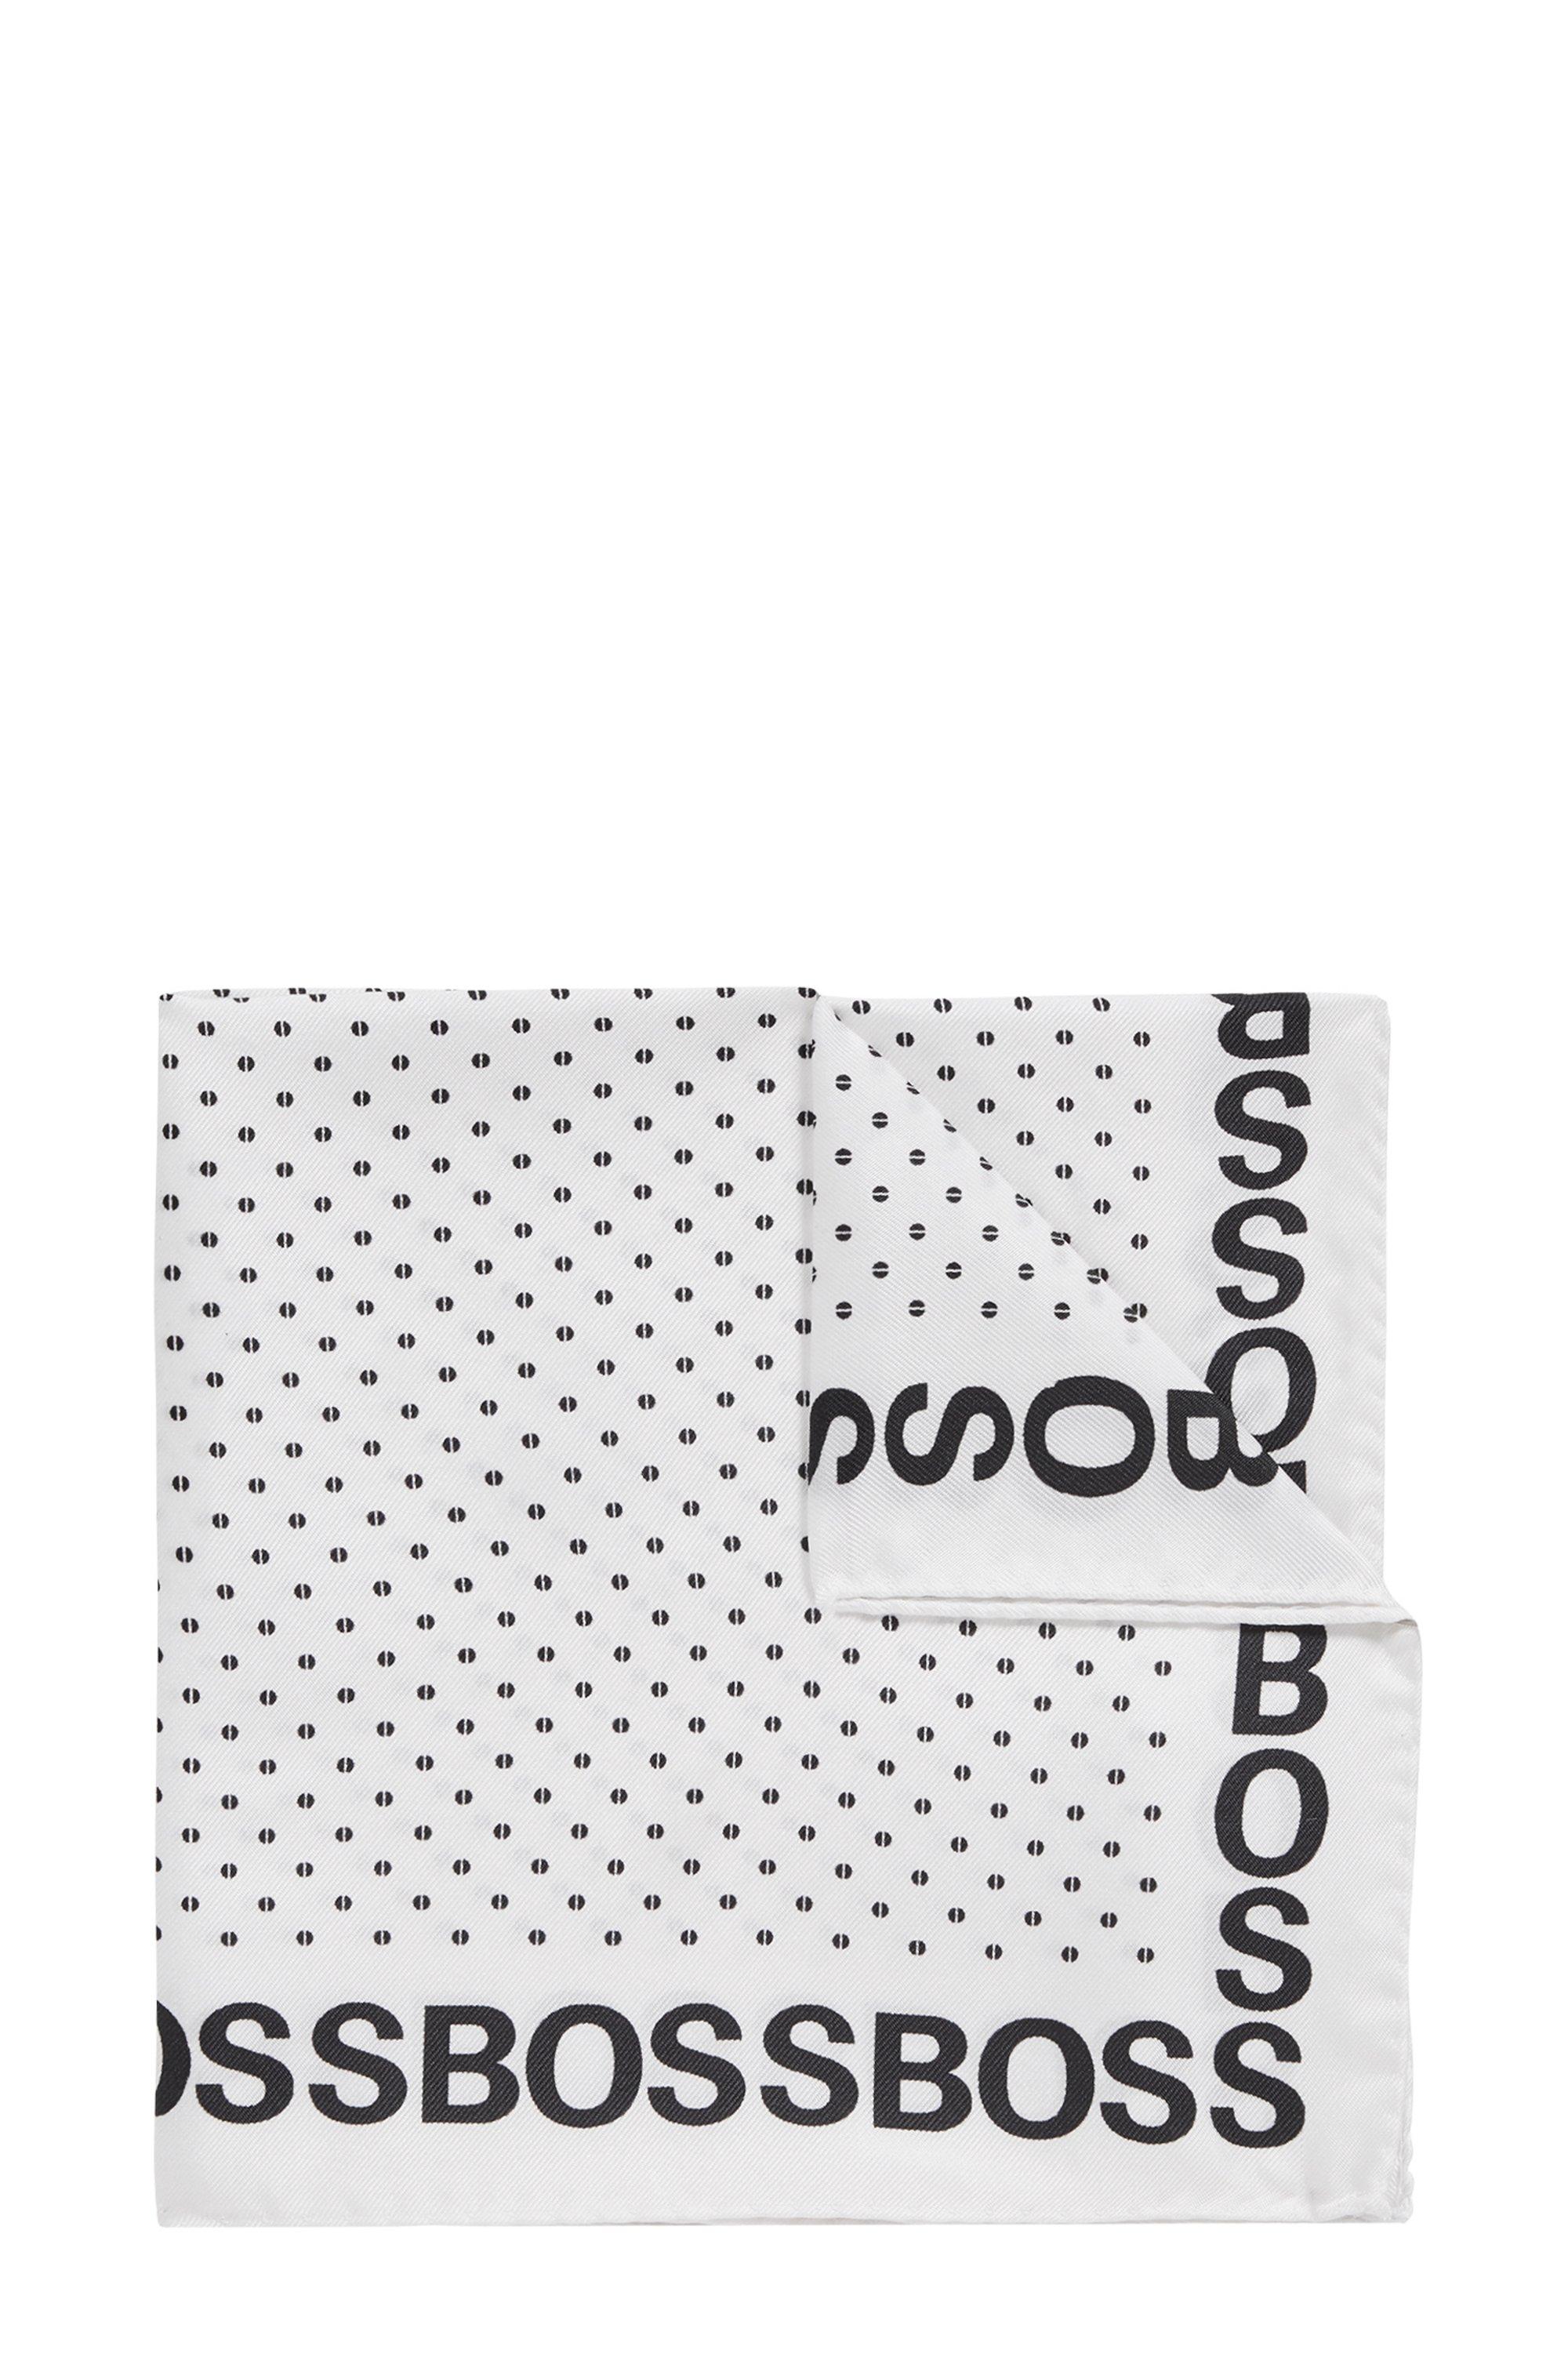 Bedrucktes Einstecktuch aus reiner Seide mit Logo-Bordüre, Weiß gemustert